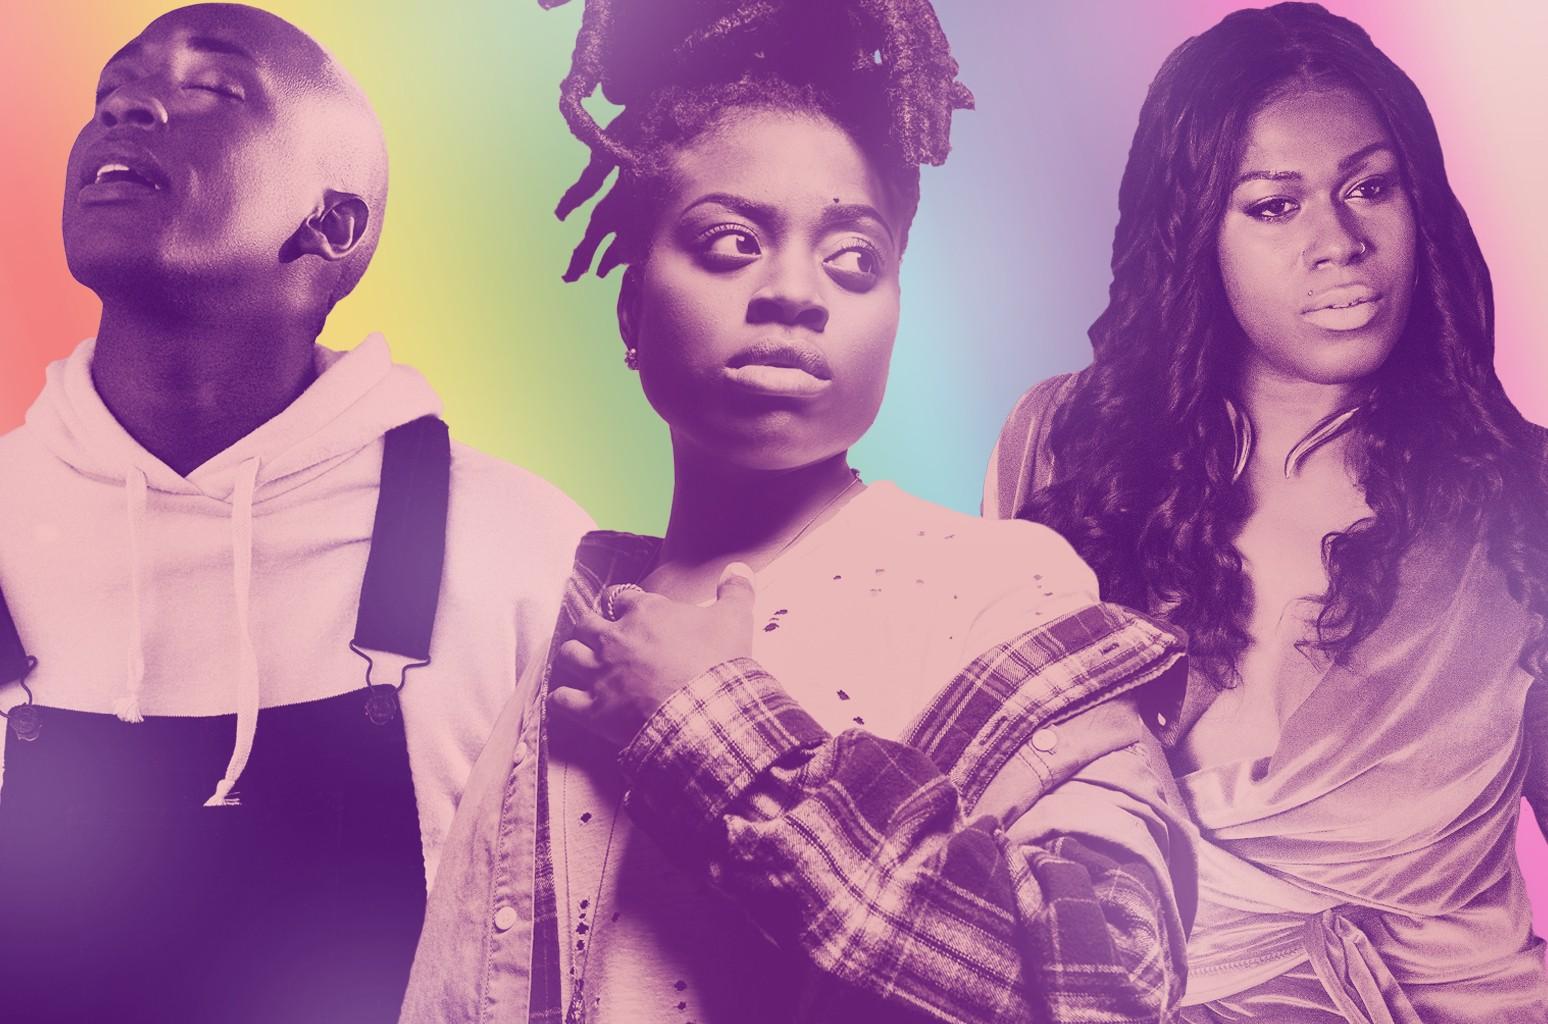 LGBTQ artists